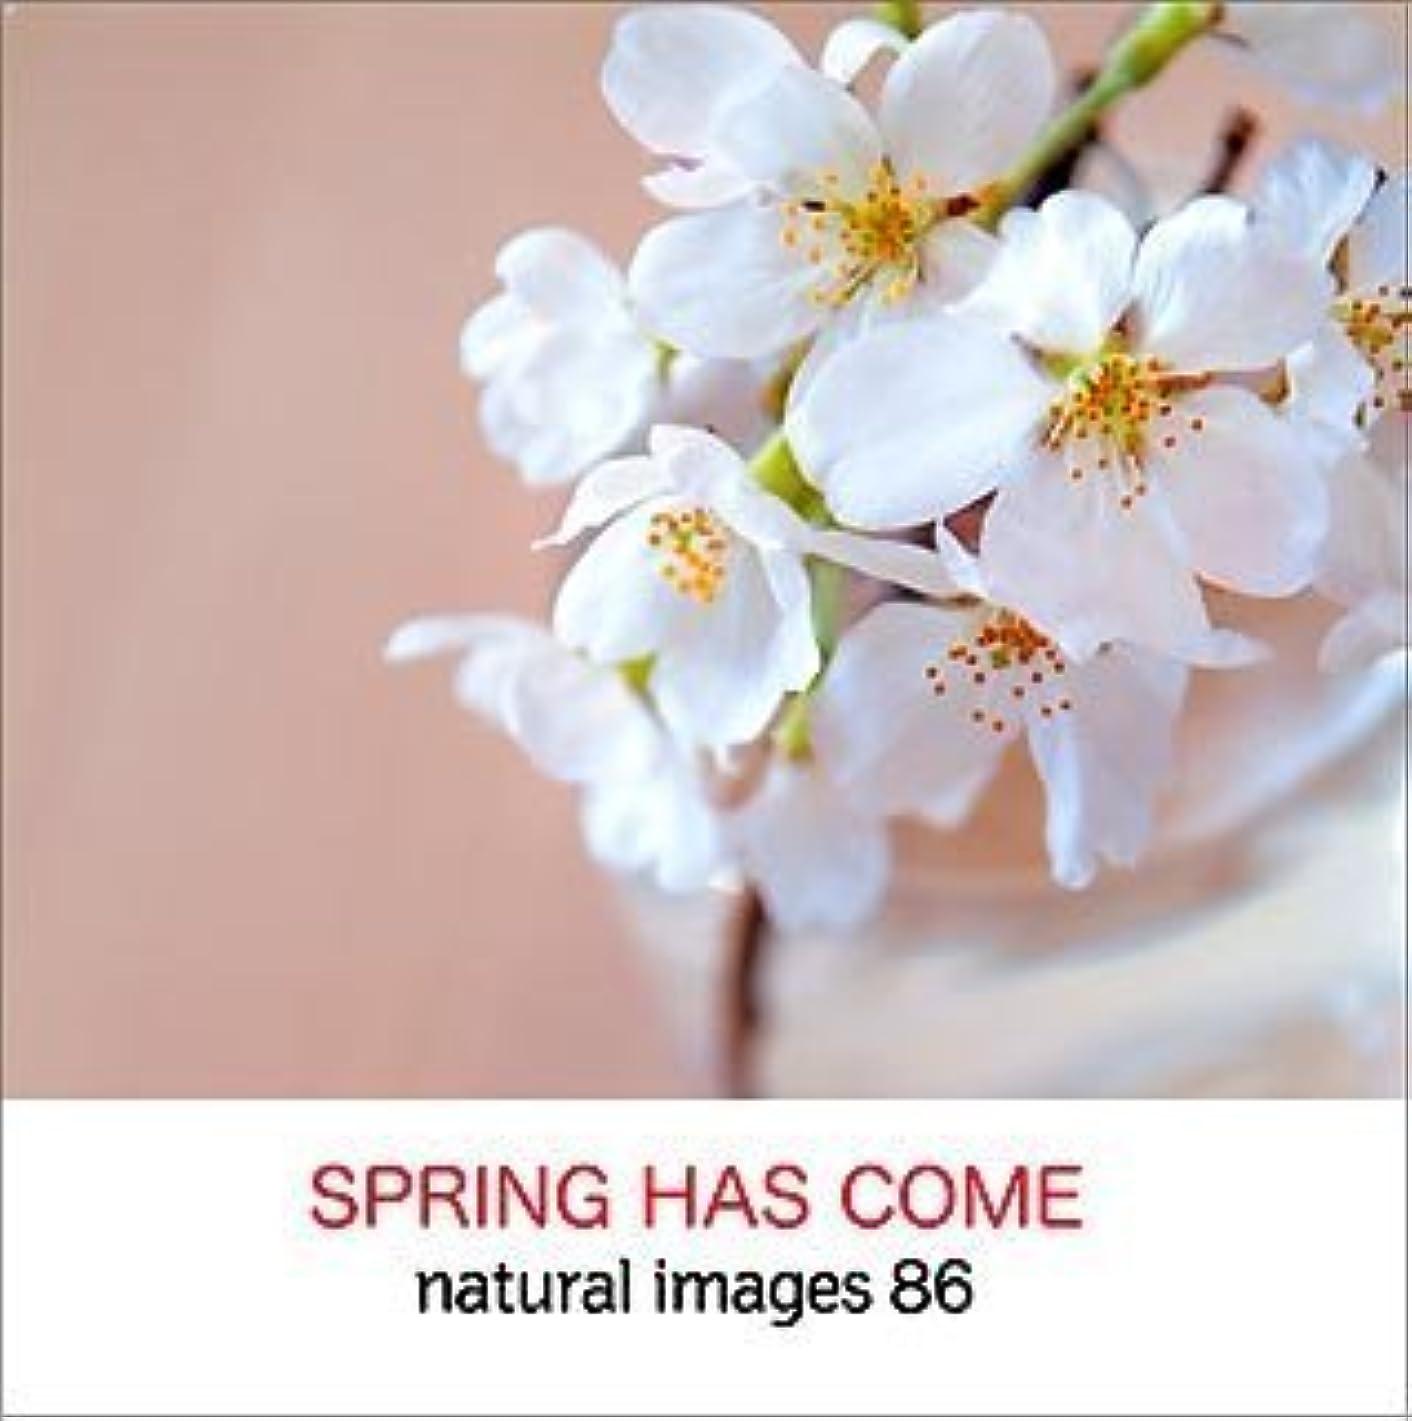 比較的虫解釈natural images Vol.86 SPRING HAS COME